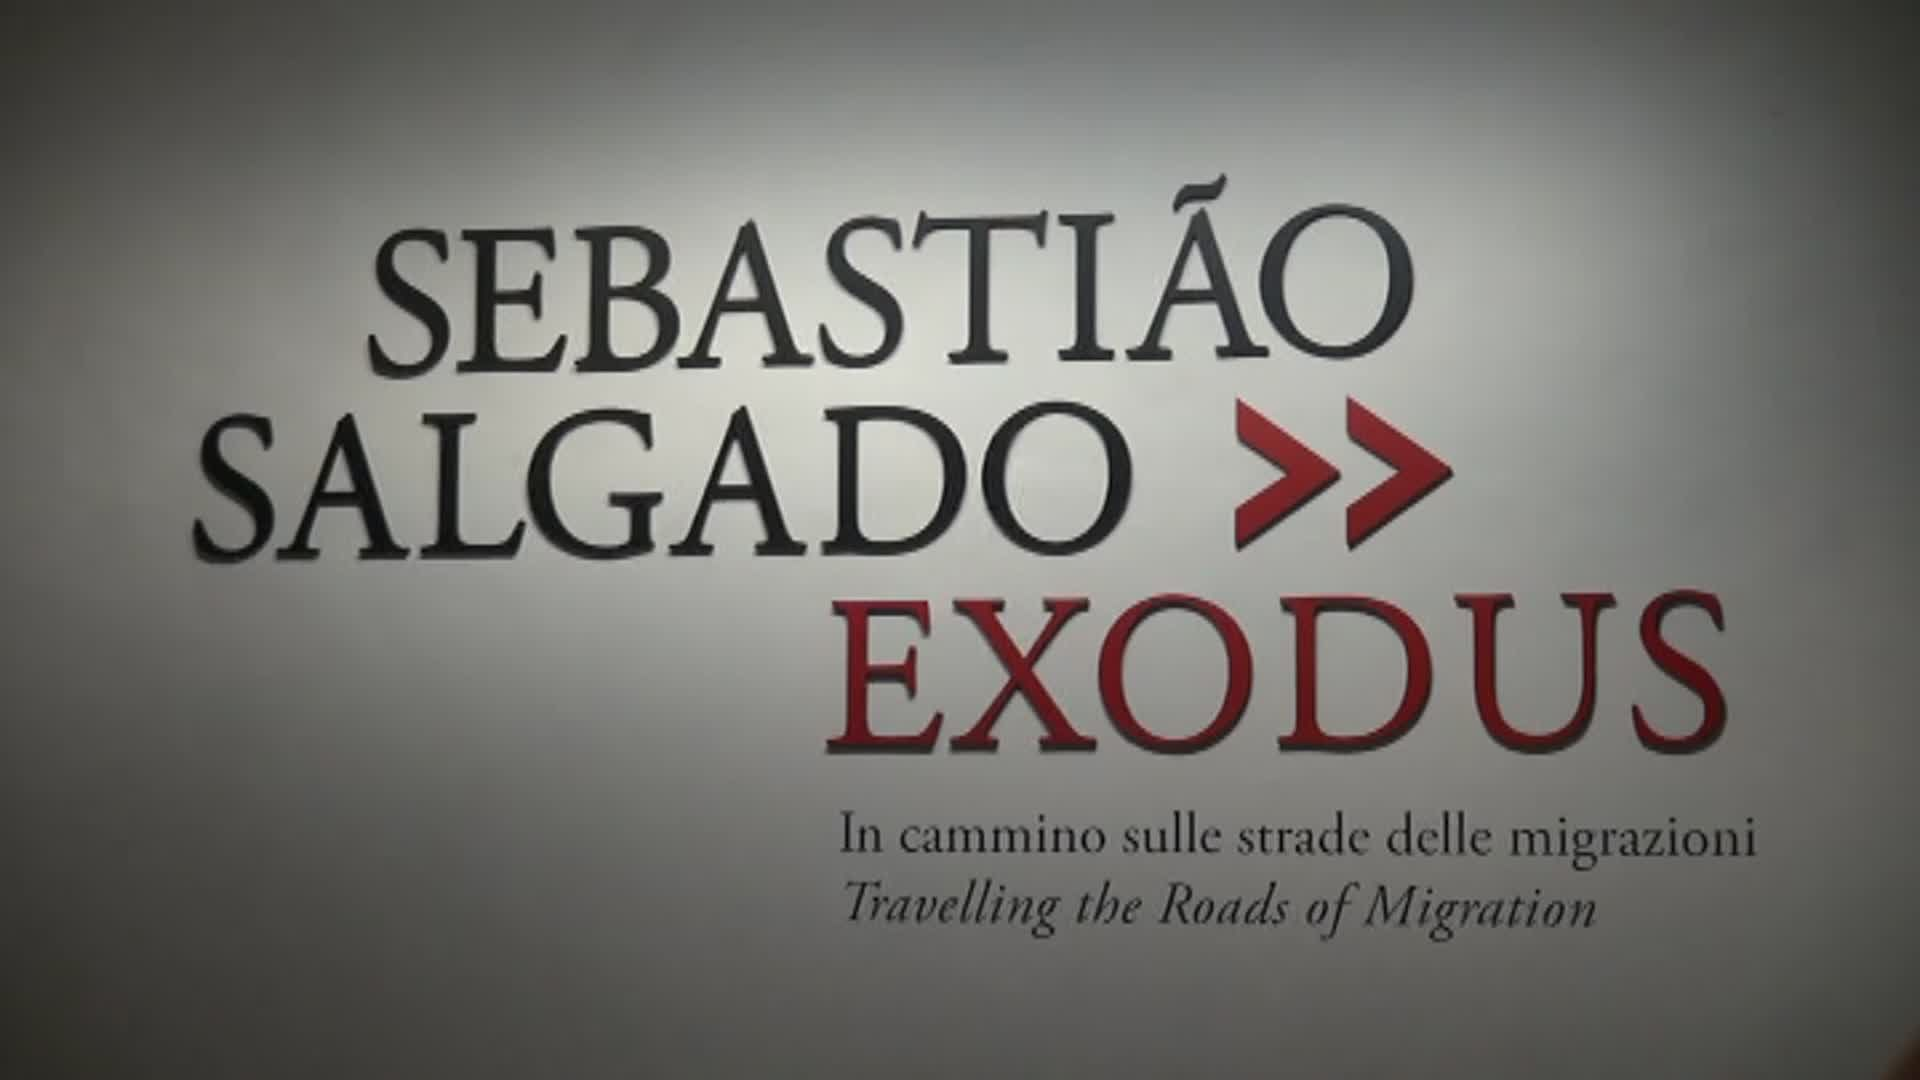 Sebastiao salgado exodus pistoia